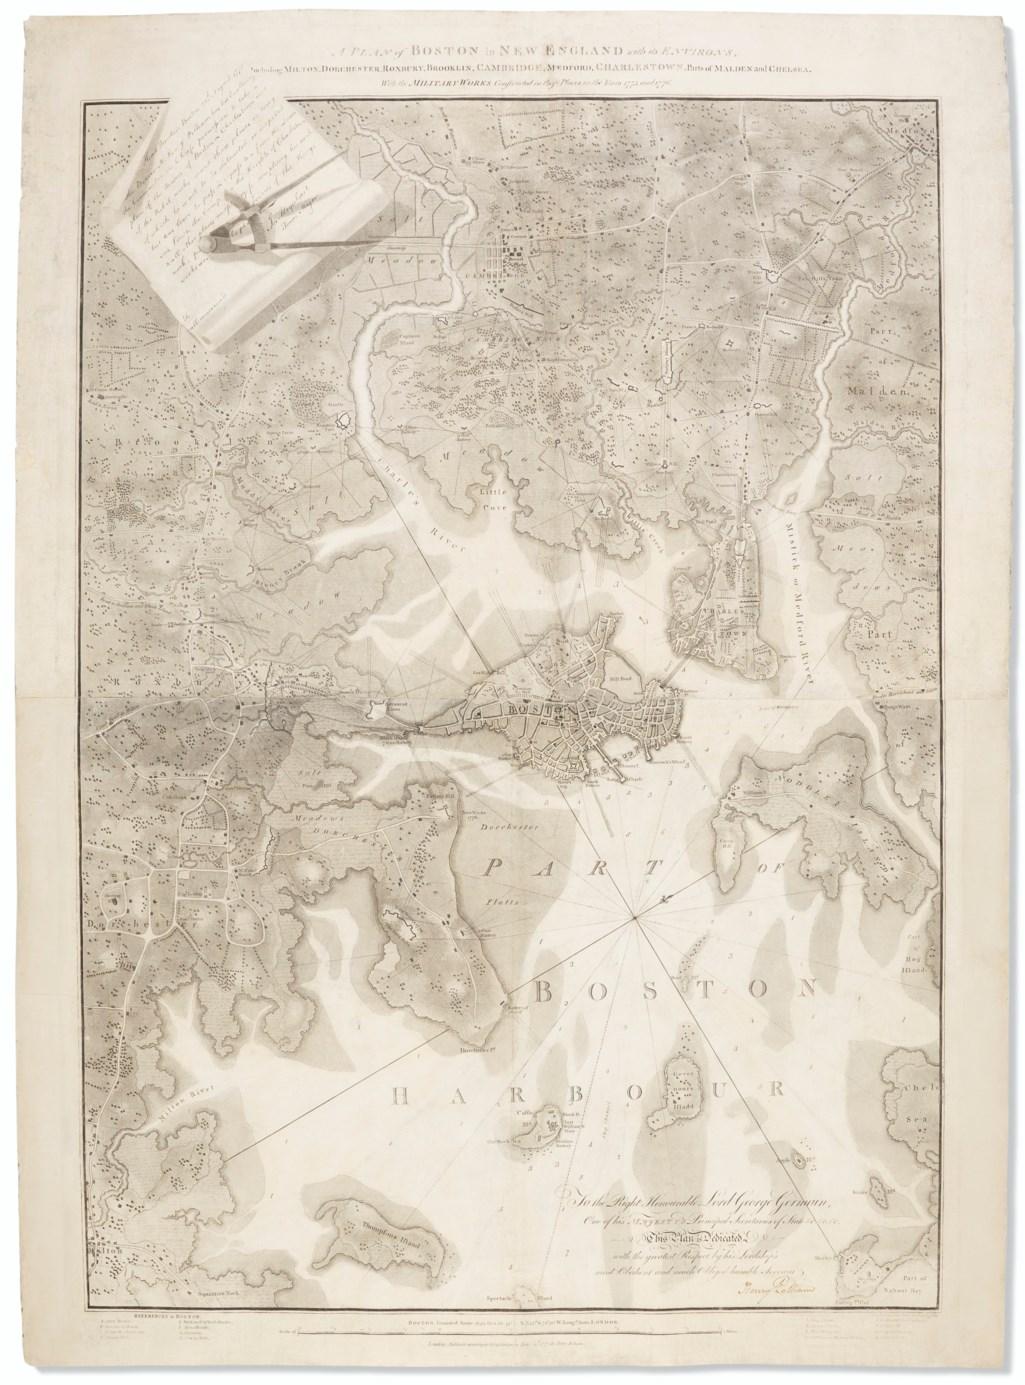 Boston under Siege